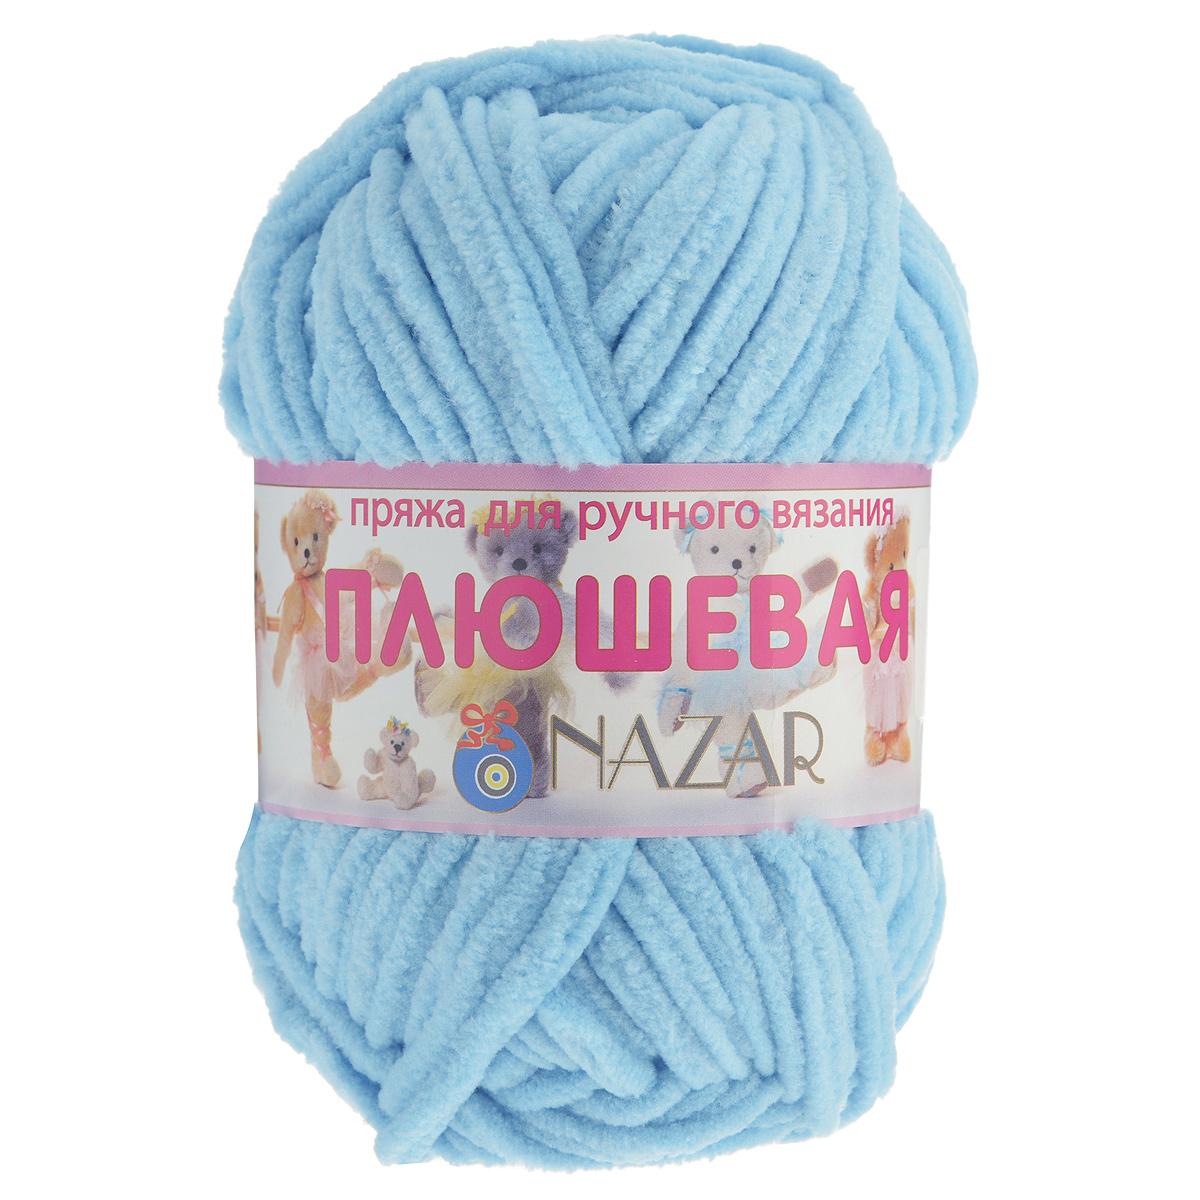 Пряжа для вязания Nazar Плюшевая, цвет: голубой (7004), 38 м, 50 г, 10 шт349018_7004Пряжа для вязания Nazar Плюшевая изготовлена из 100% микрополиэстера. Ниточка очень мягкая, нежная, бархатистая, напоминает плюш. После стирки не линяет. Пряжа идеально подойдет для вязания детской верхней одежды, игрушек и аксессуаров для дома (подушек, пледов, ковриков). Вязание получается рыхлым и состоящим из бугорков, что имитирует кудрявый мех. Рекомендуемый размер крючка и спиц - 6 мм. Состав: 100% микрополиэстер. Комплектация: 10 шт. Ширина нити: 5 мм.